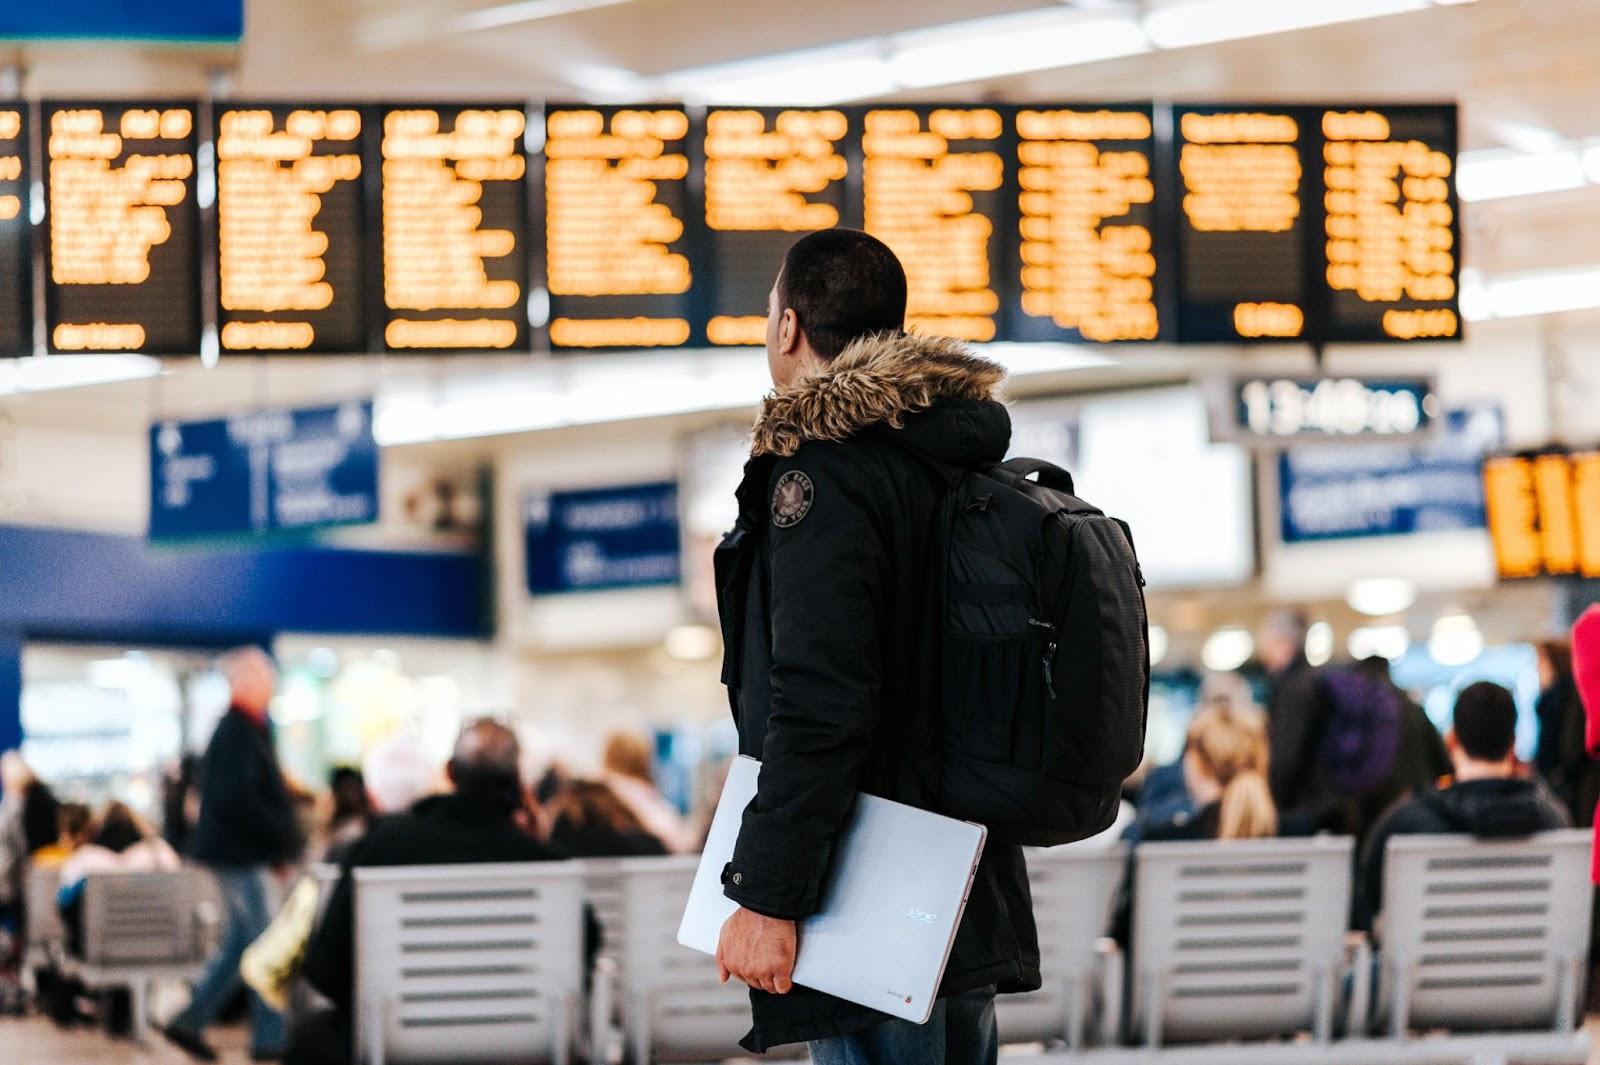 understand travel restrictions